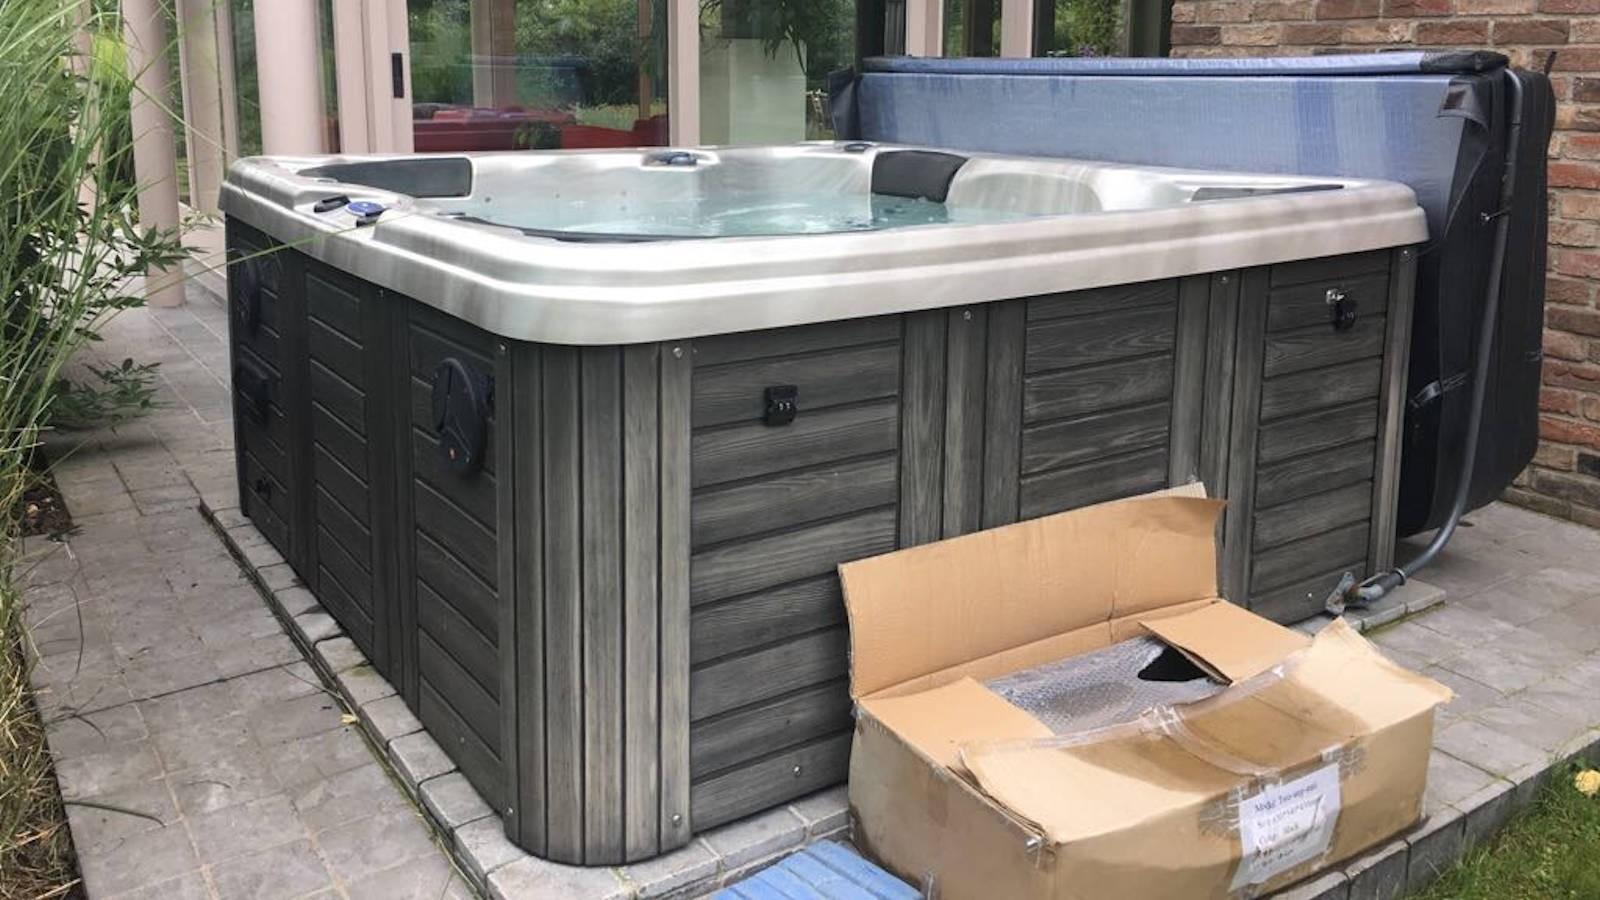 Reparatie lekkage aan spa in Kessel-Lo - België